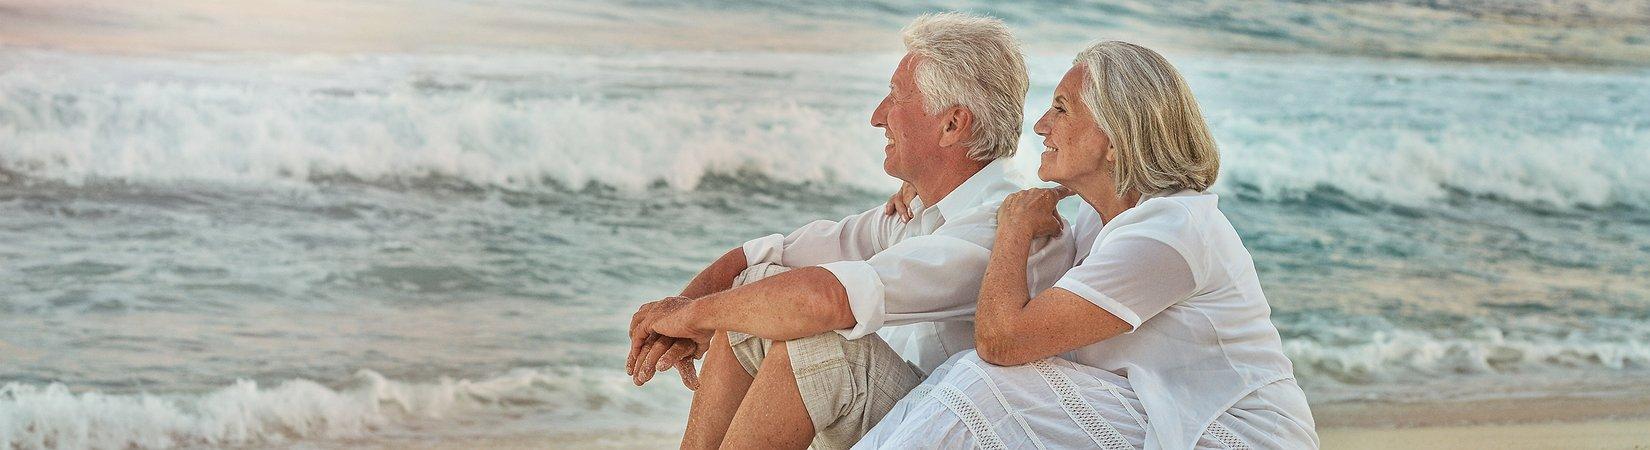 10 أماكن مثالية لمن عمره فوق الـ50